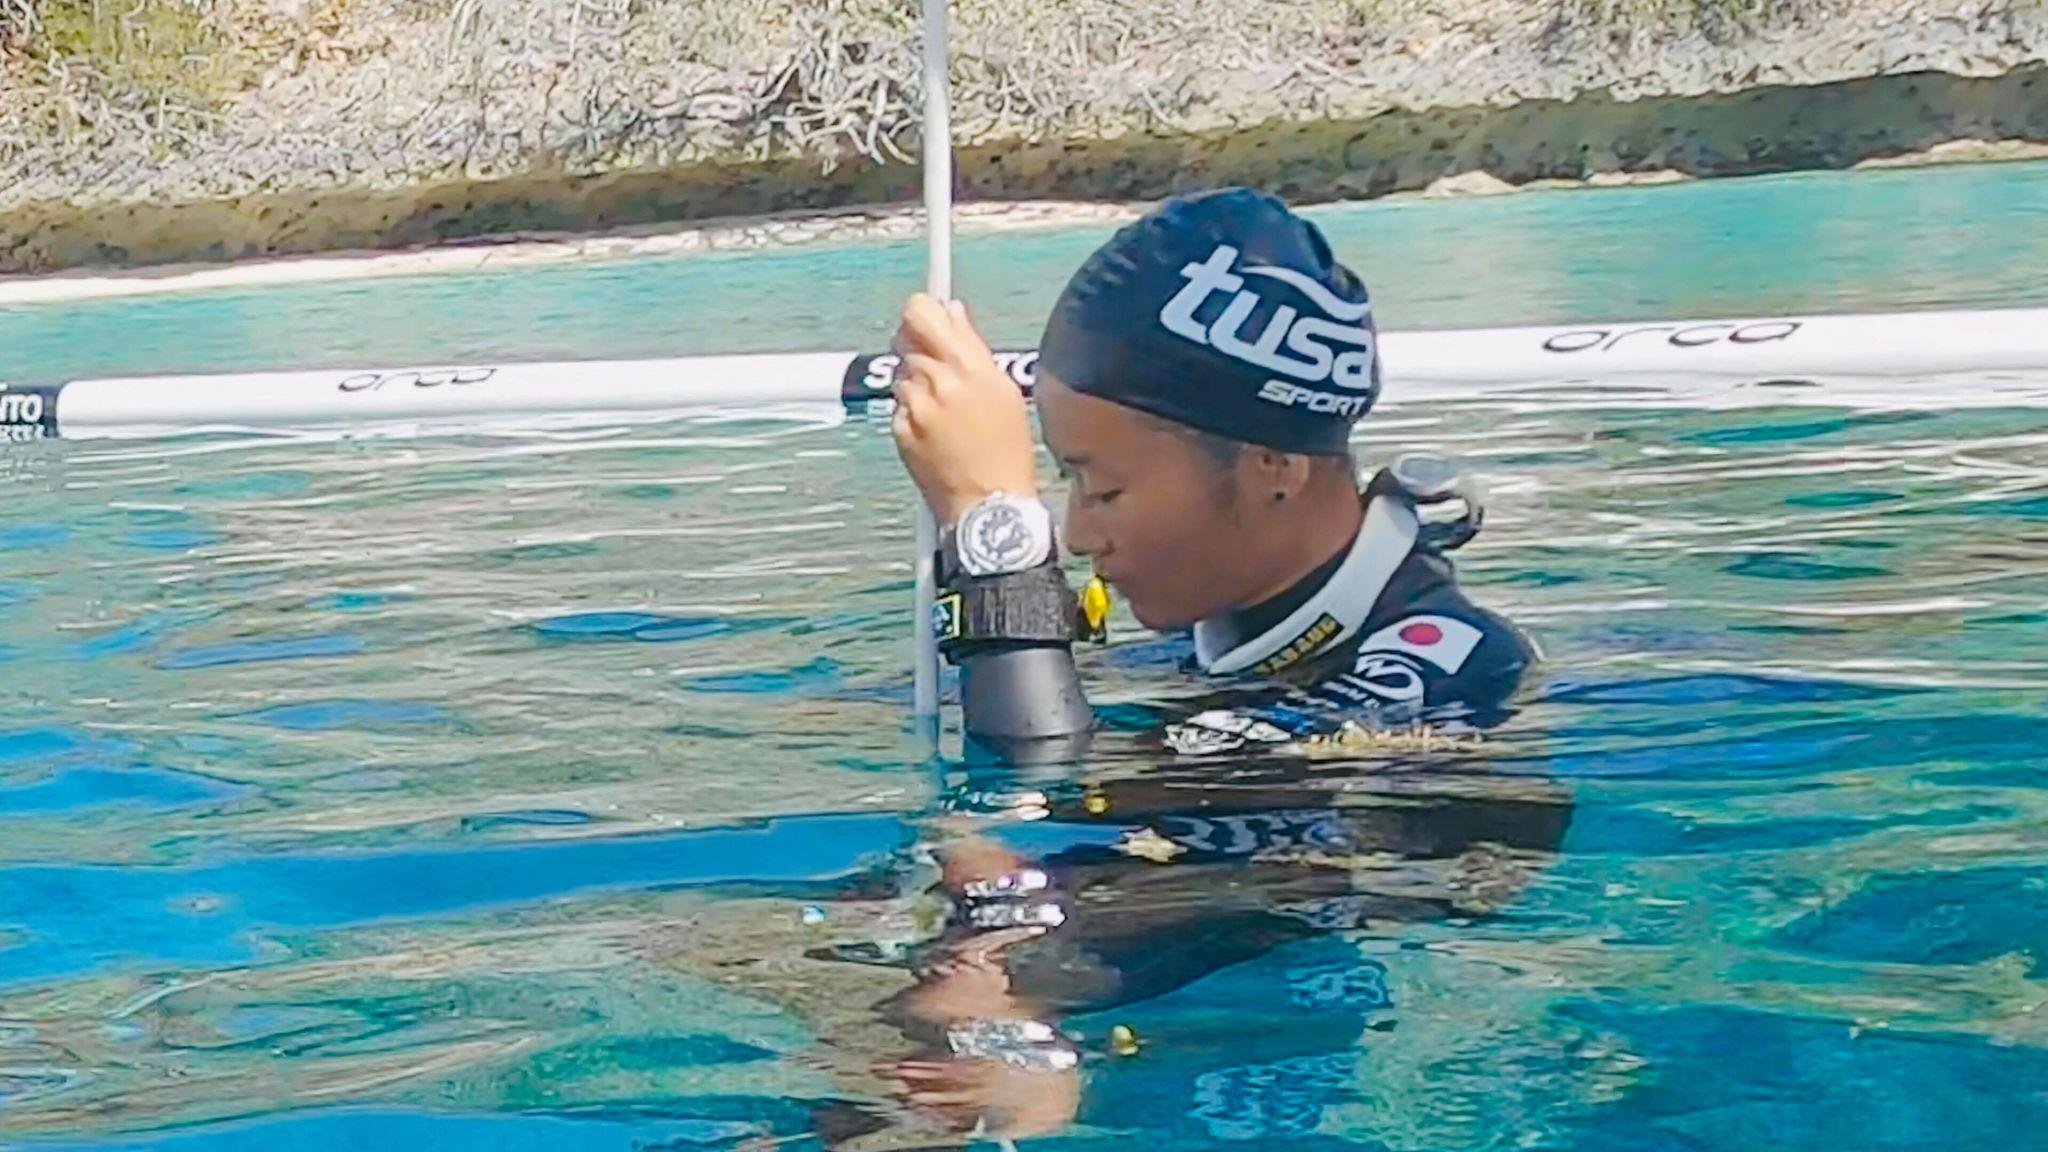 「未知の深さに挑戦できることへの喜び」フリーダイバーHANAKO銅メダル受賞インタビュー